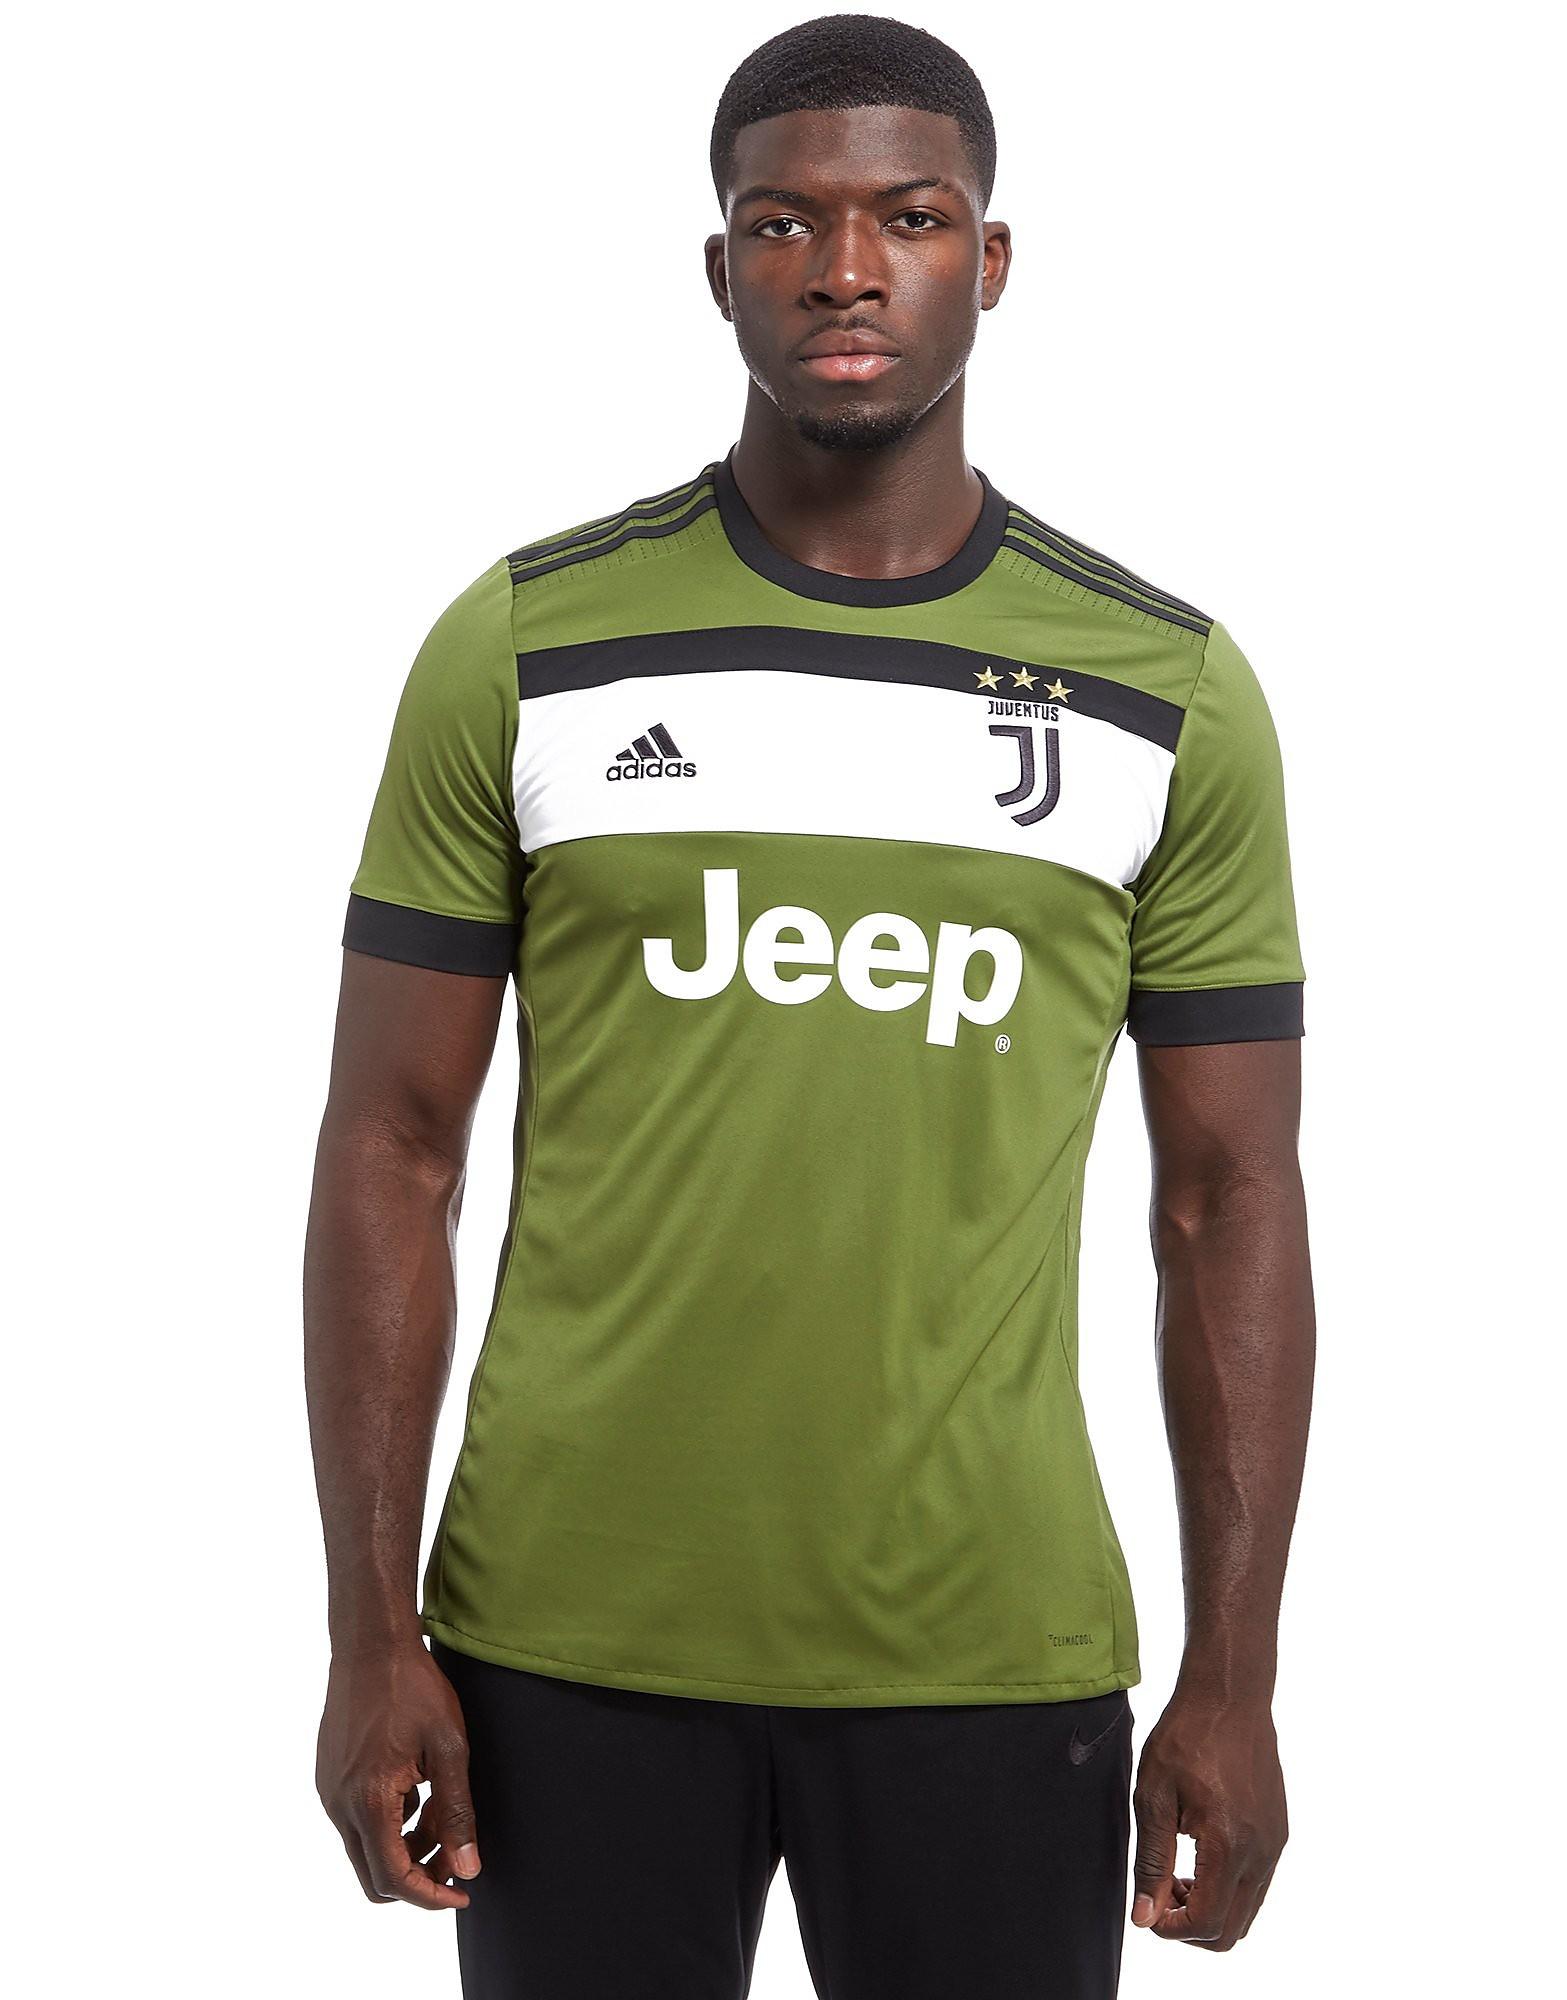 adidas Juventus 2017/18 Third Shirt